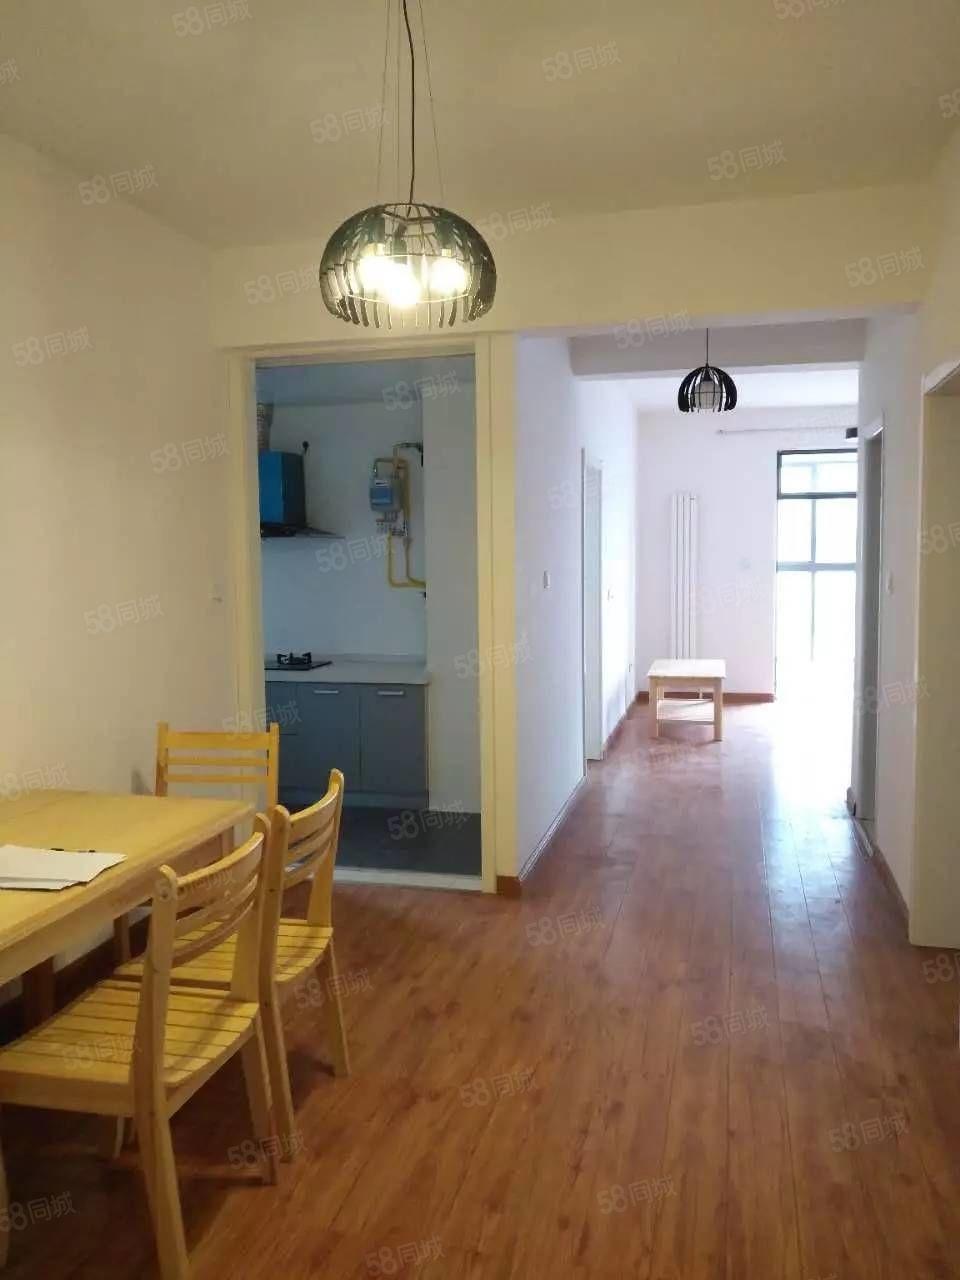 开元路天伦庄园紧邻万达家具家电齐全简装两室随时看房